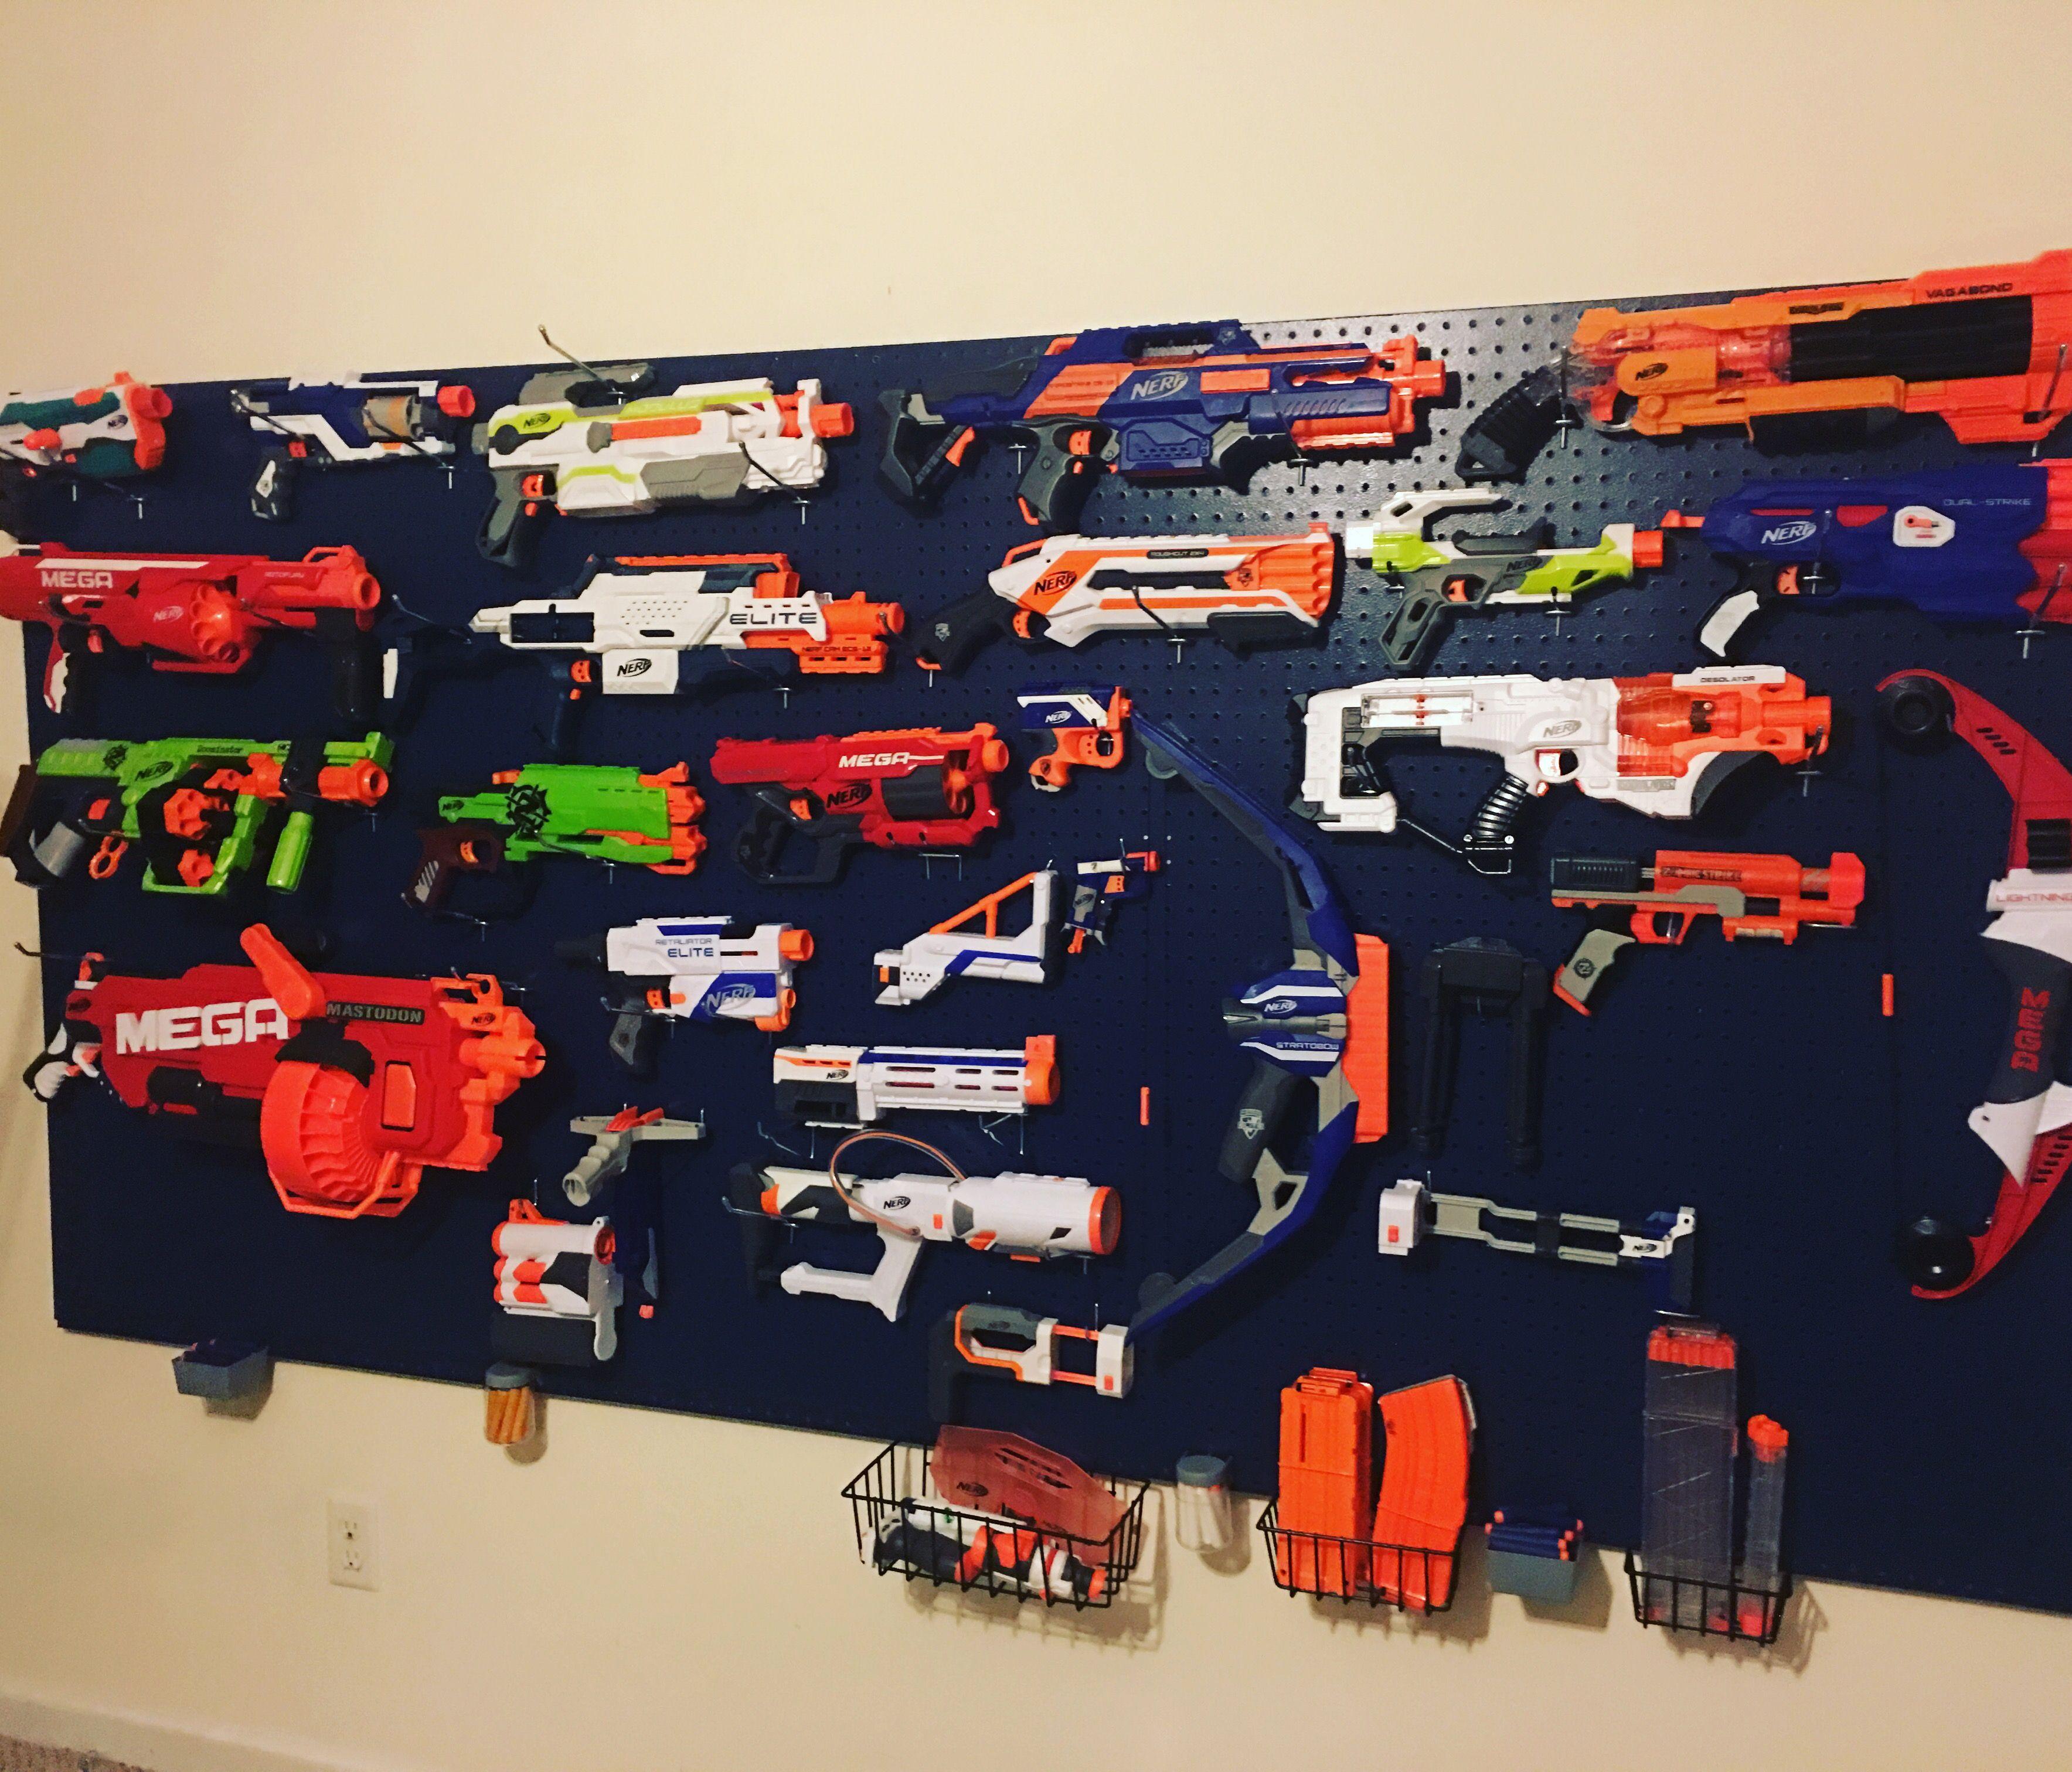 Nerf Gun Storage Kids In 2019 Nerf Gun Storage Nerf